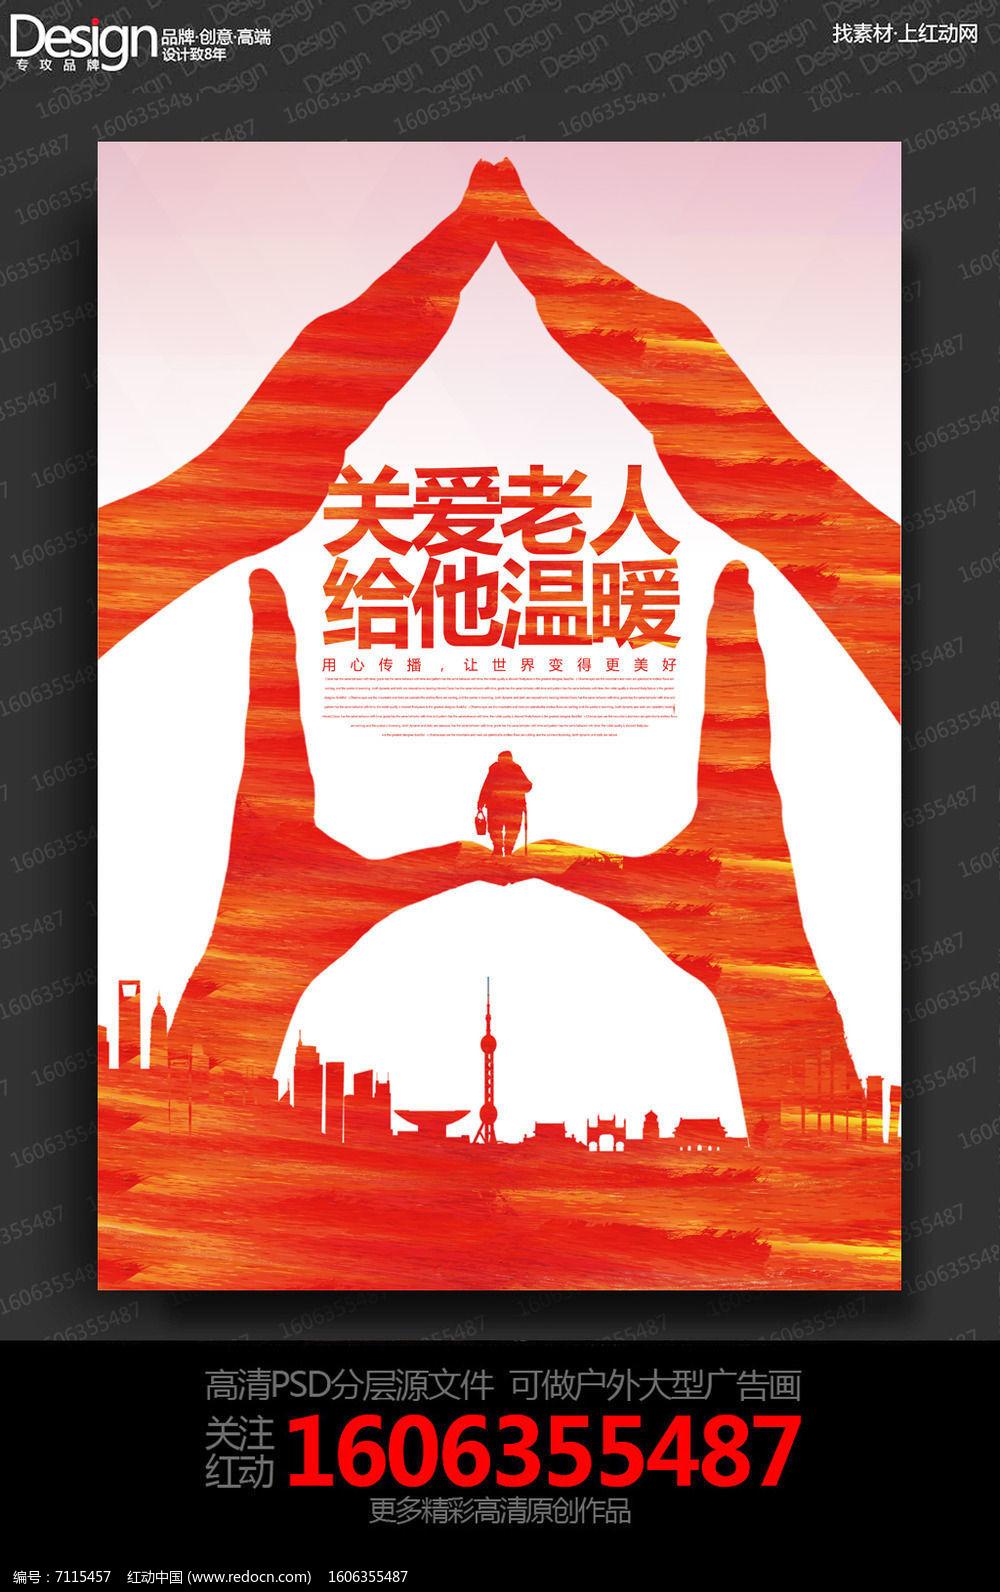 简约创意关爱老人公益宣传海报设计素材下载 编号7115457 红动网图片